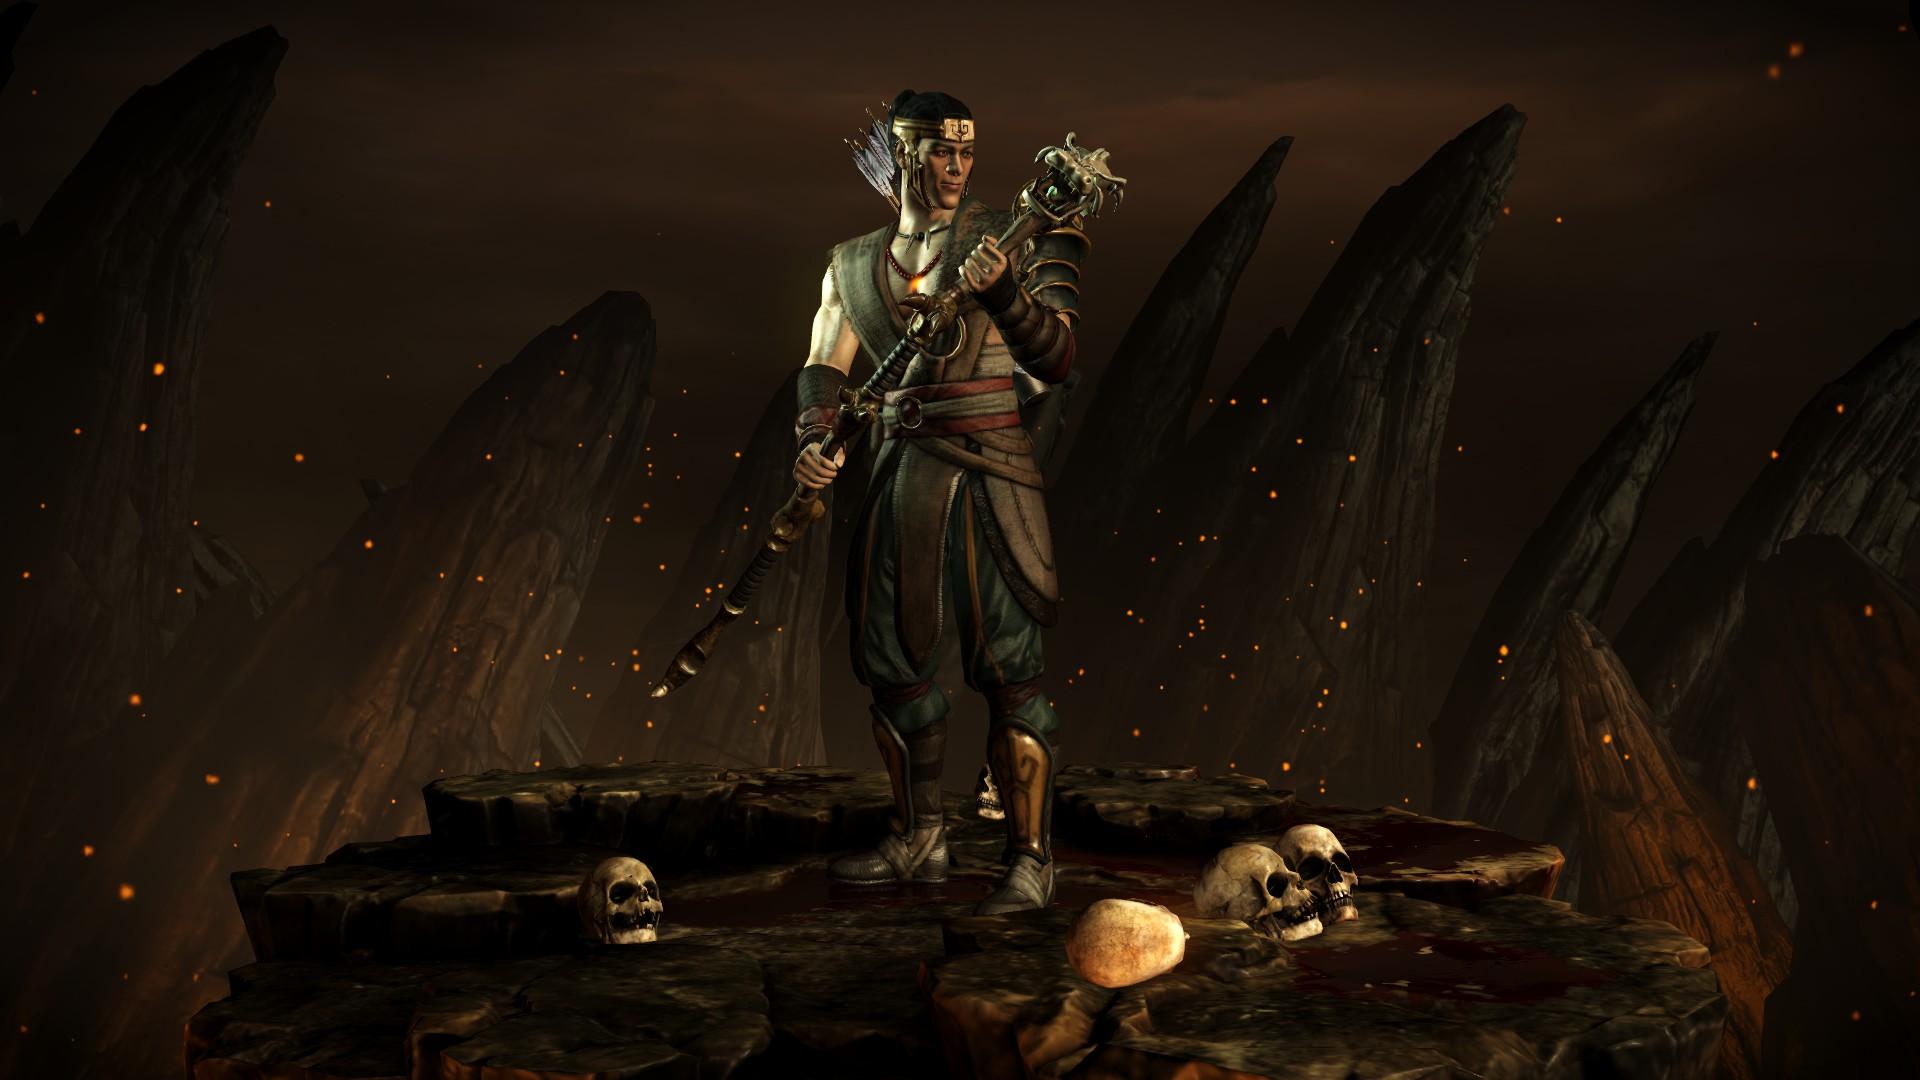 Кун Цзинь (Стиль: Наследие) - Mortal Kombat X Кун Цзинь